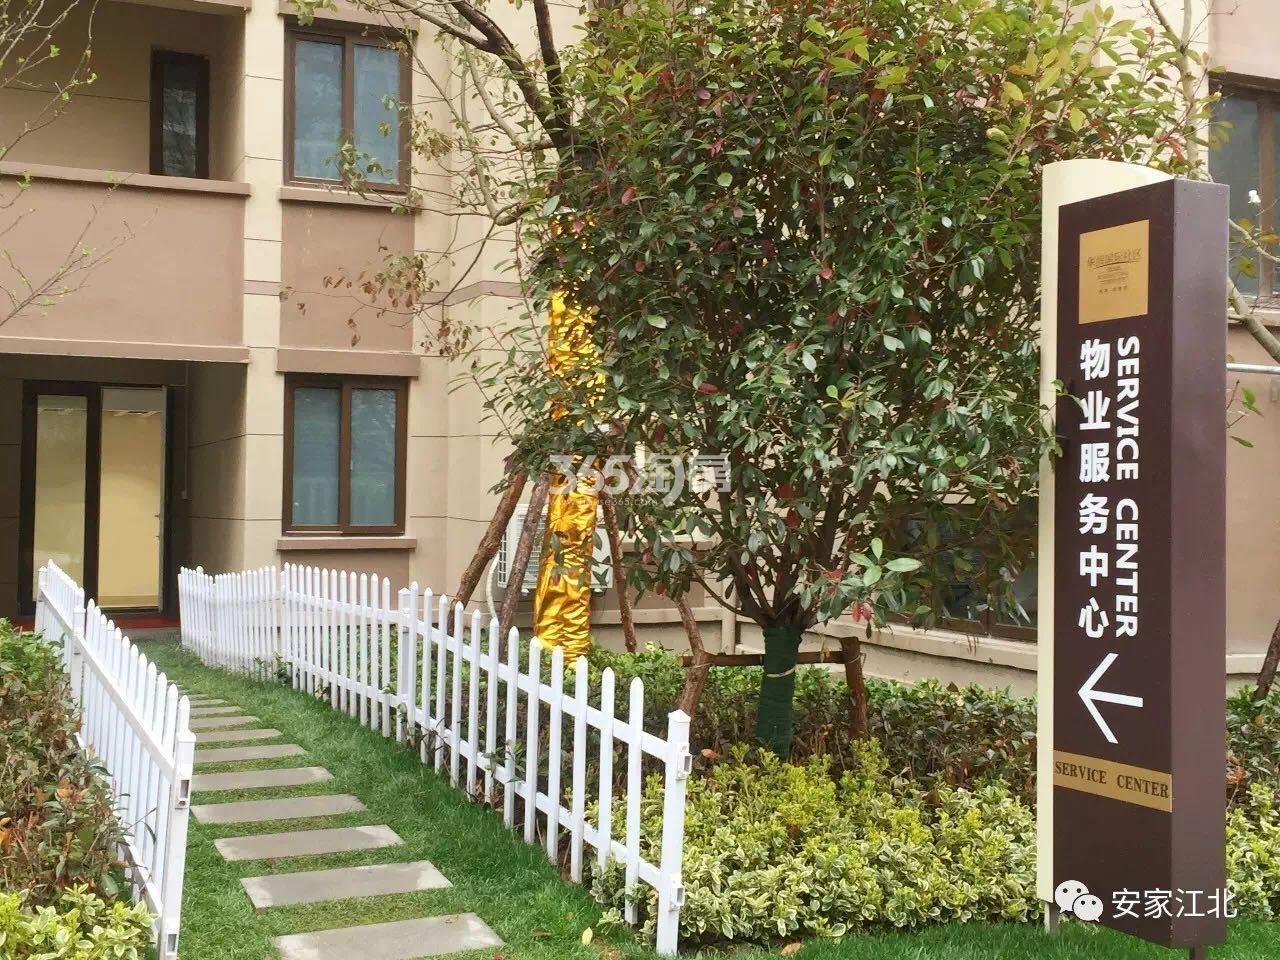 华润国际社区物业服务中心实景图(11.27)